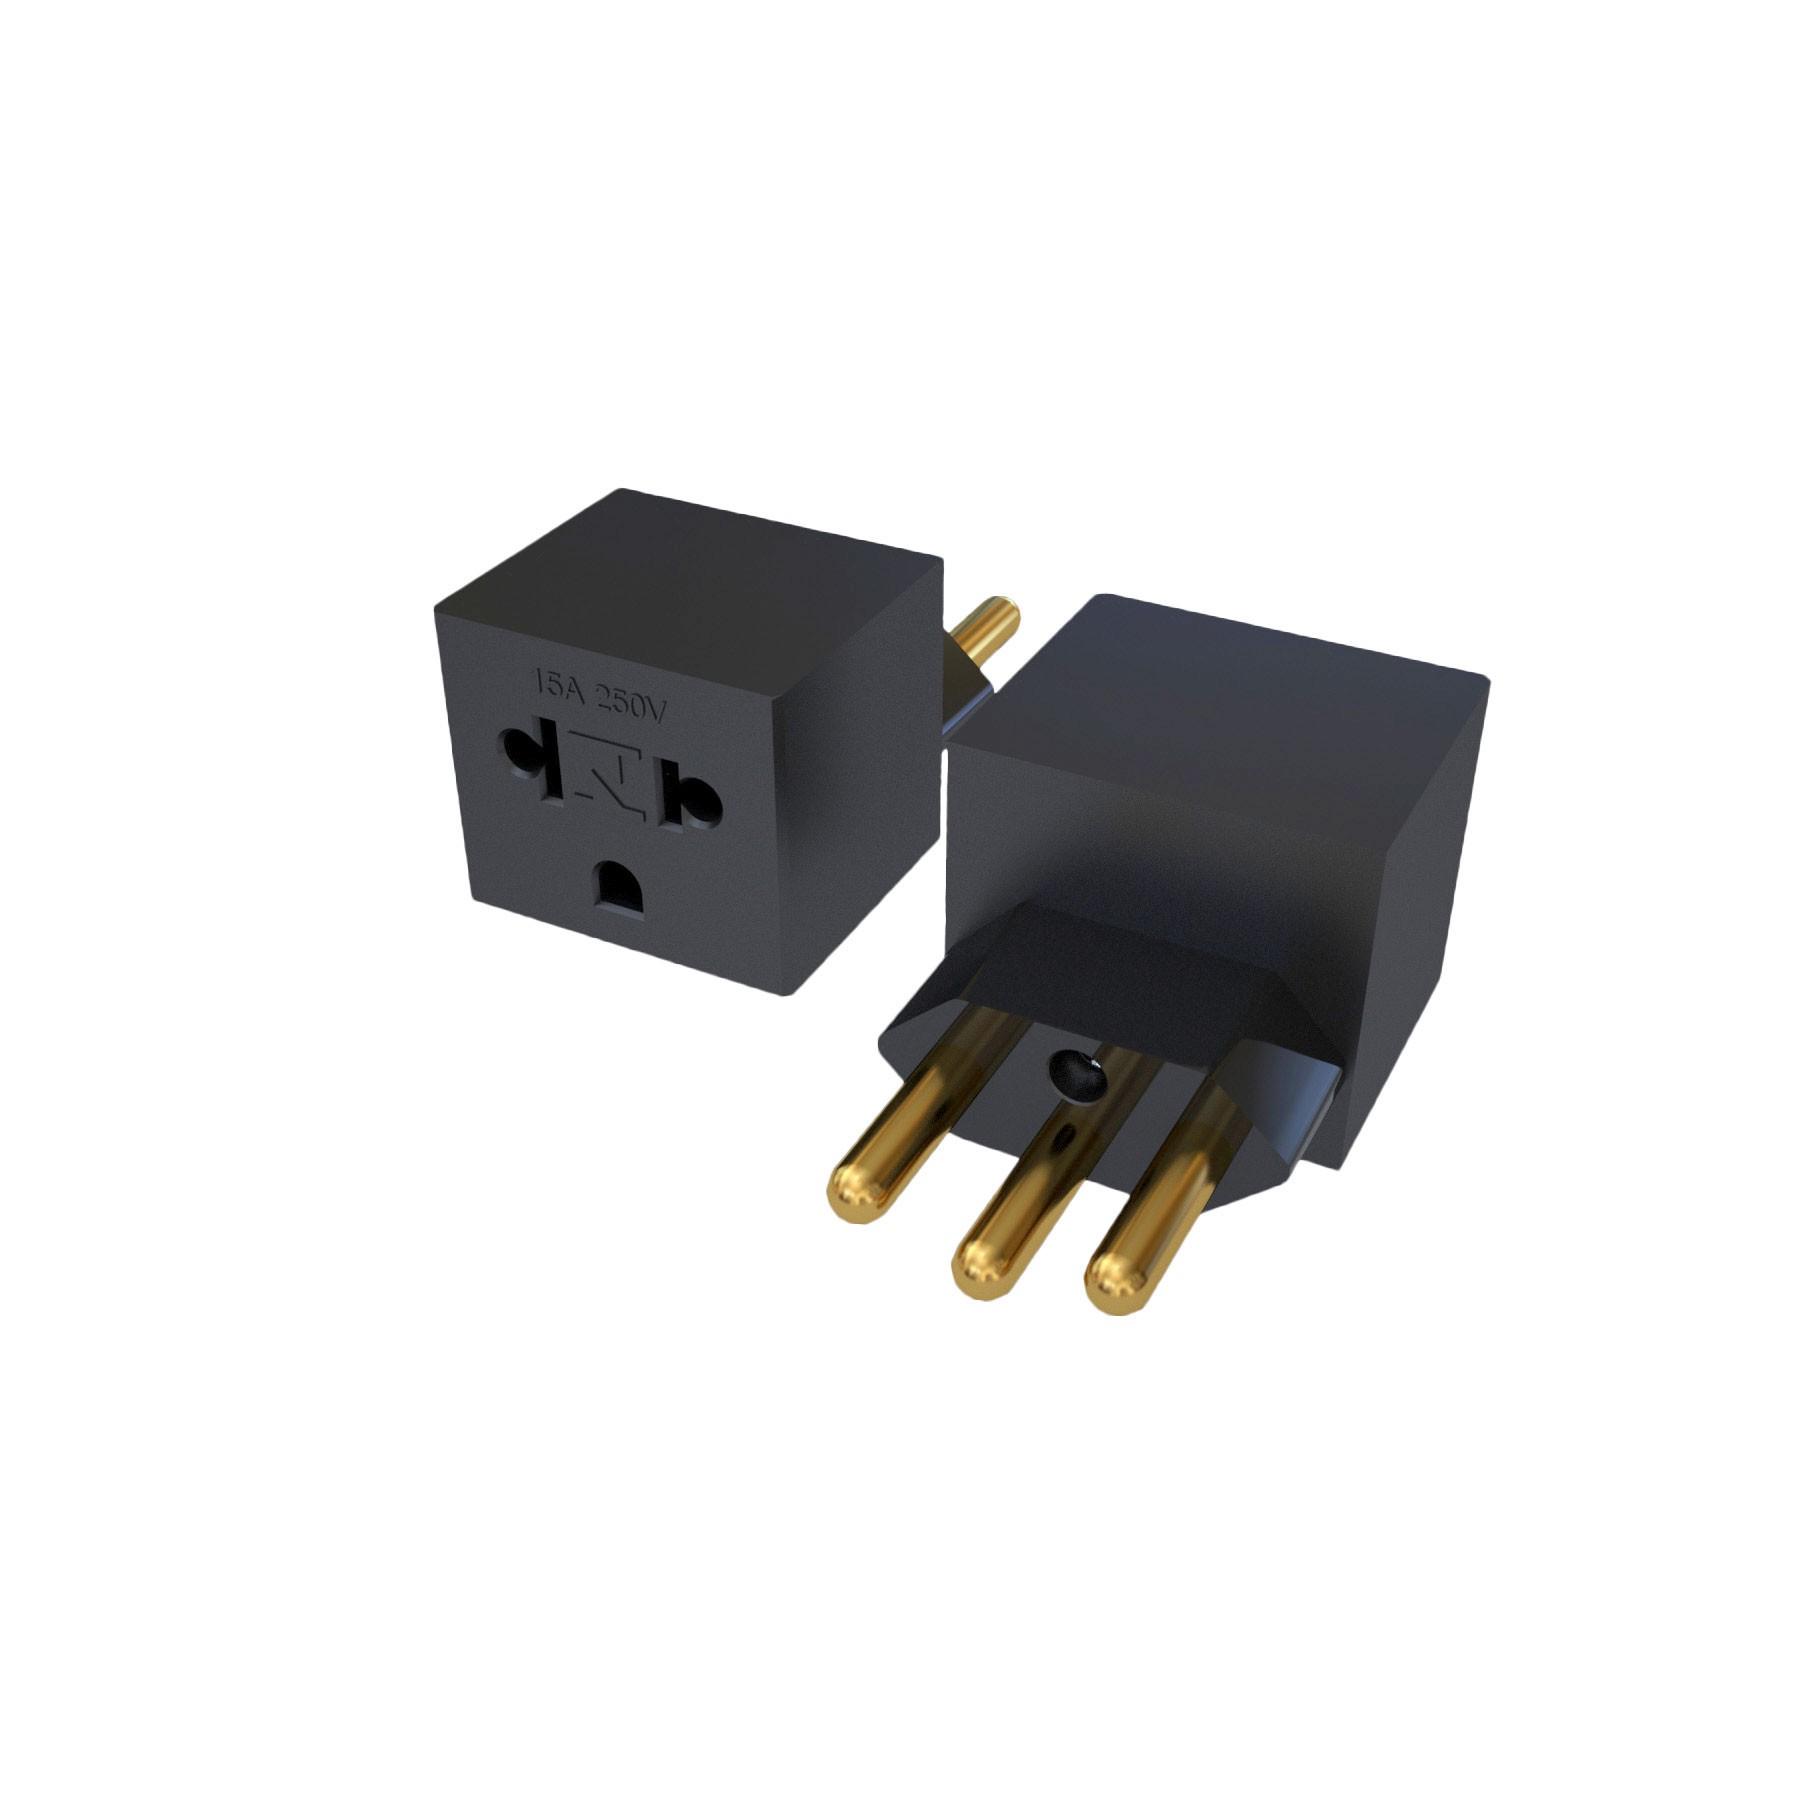 Adaptador NBR14136 - 20A para Nema 5-15R - 15A - 120/250V 2P+T